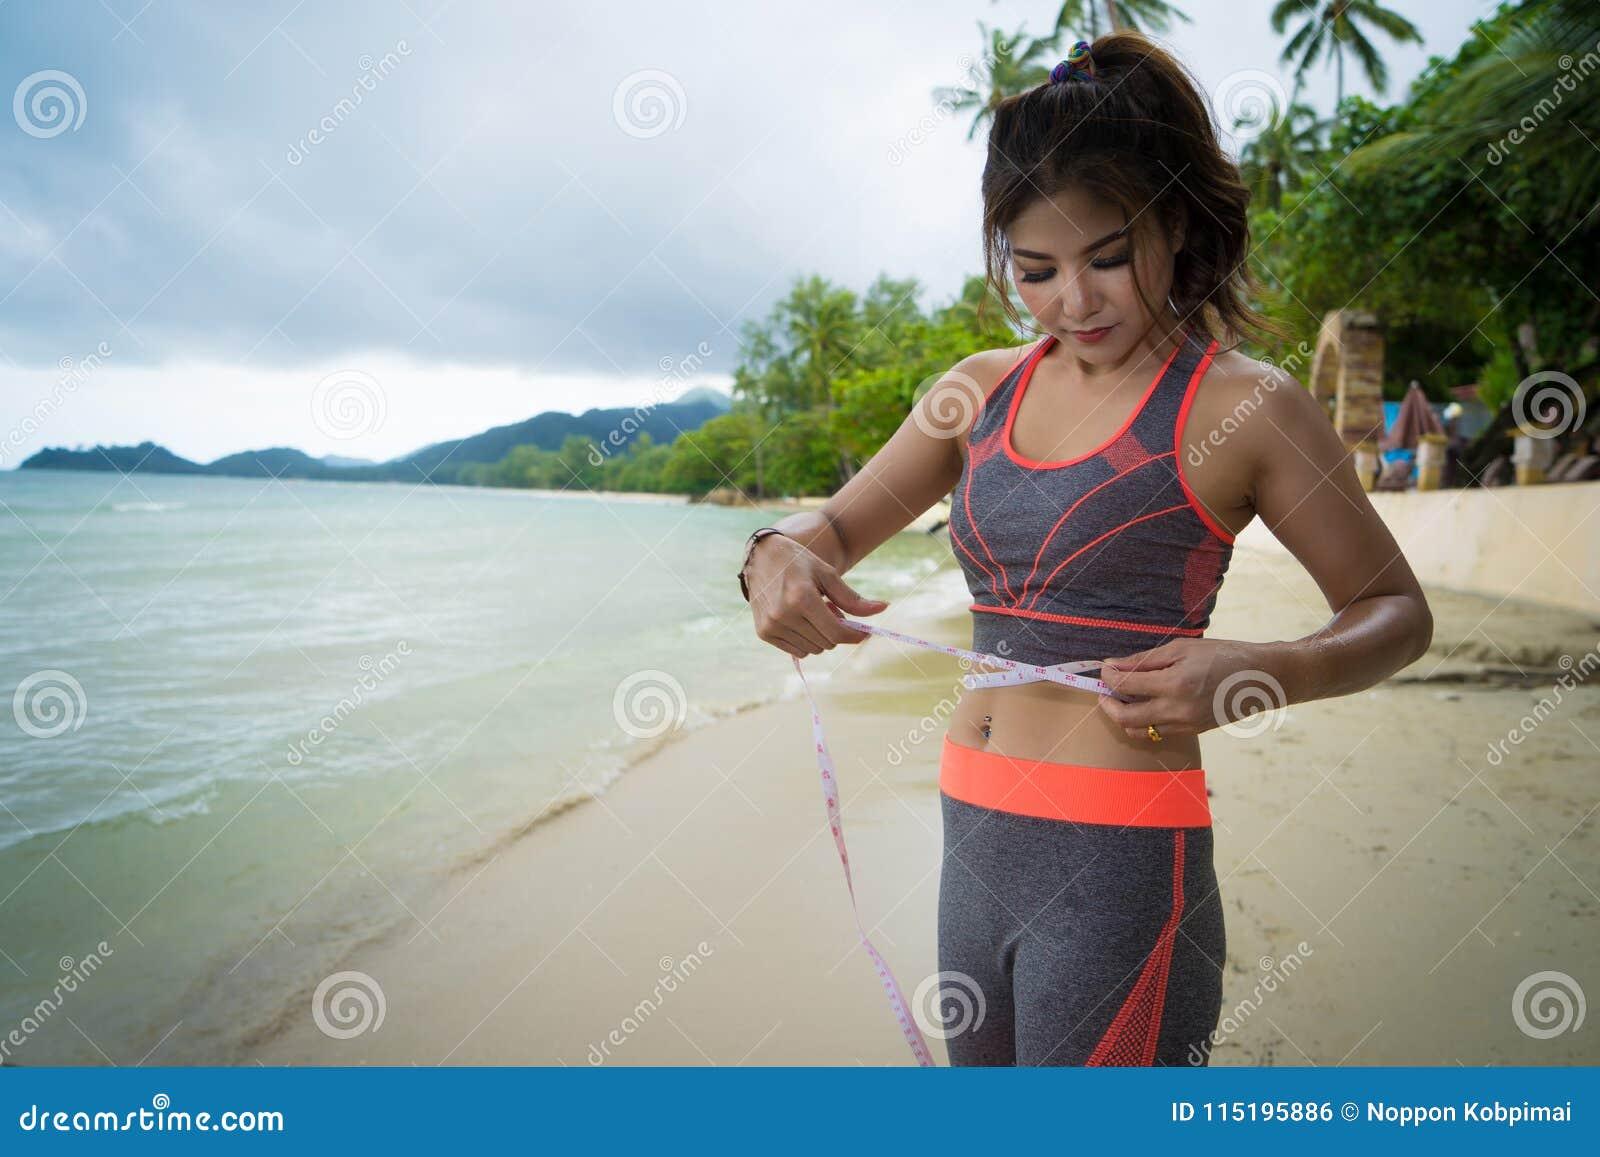 Junges Mädchen im sportwear mit Maßband am Seestrand - Gewicht